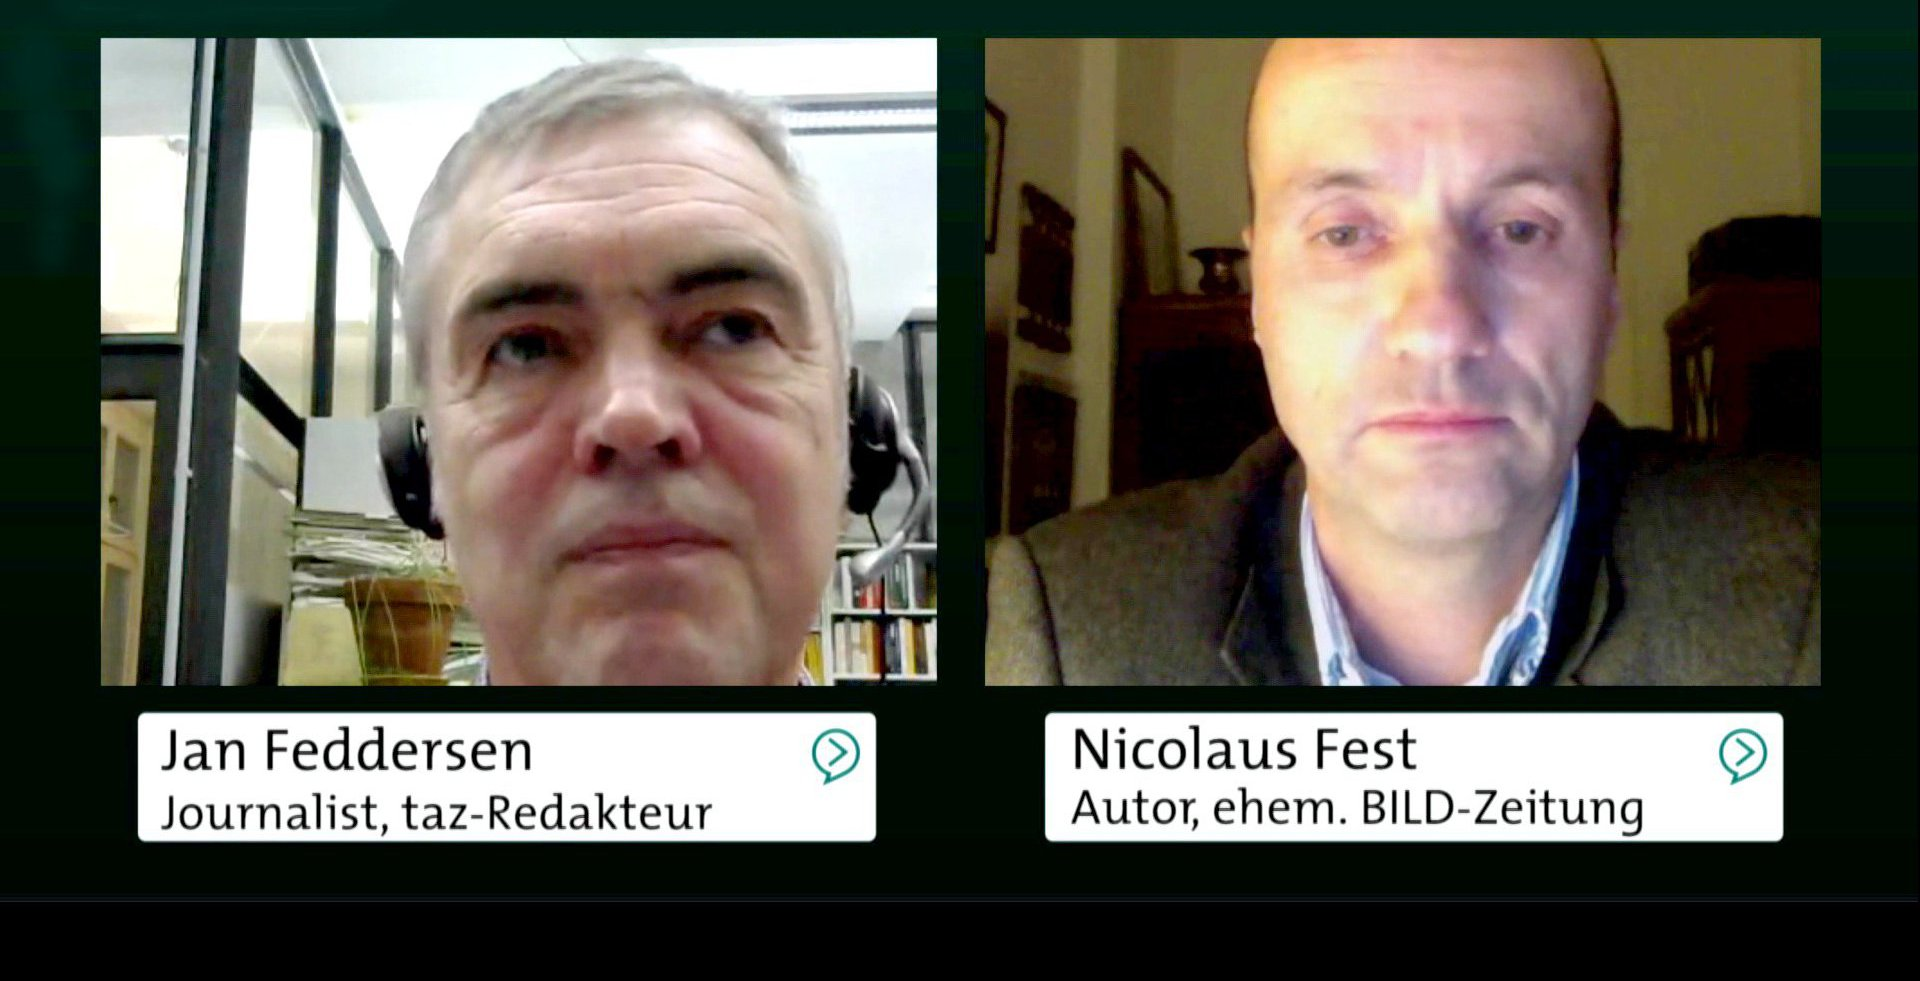 Abschiebegesetz verschärfen - Ja oder Nein? Jan Feddersen und Nicolaus Fest diskutieren, 2016.